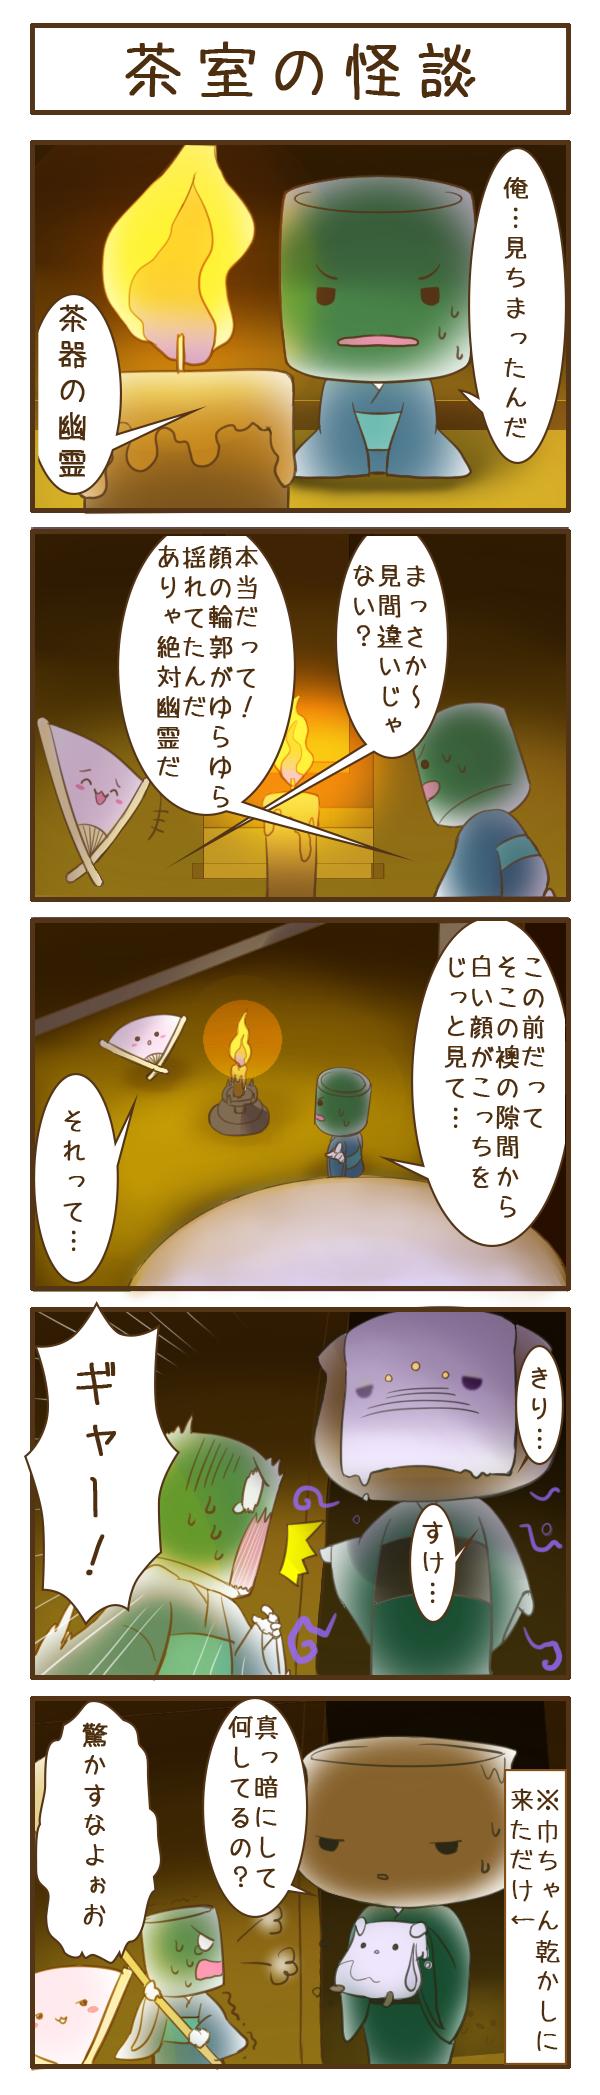 茶室の怪談